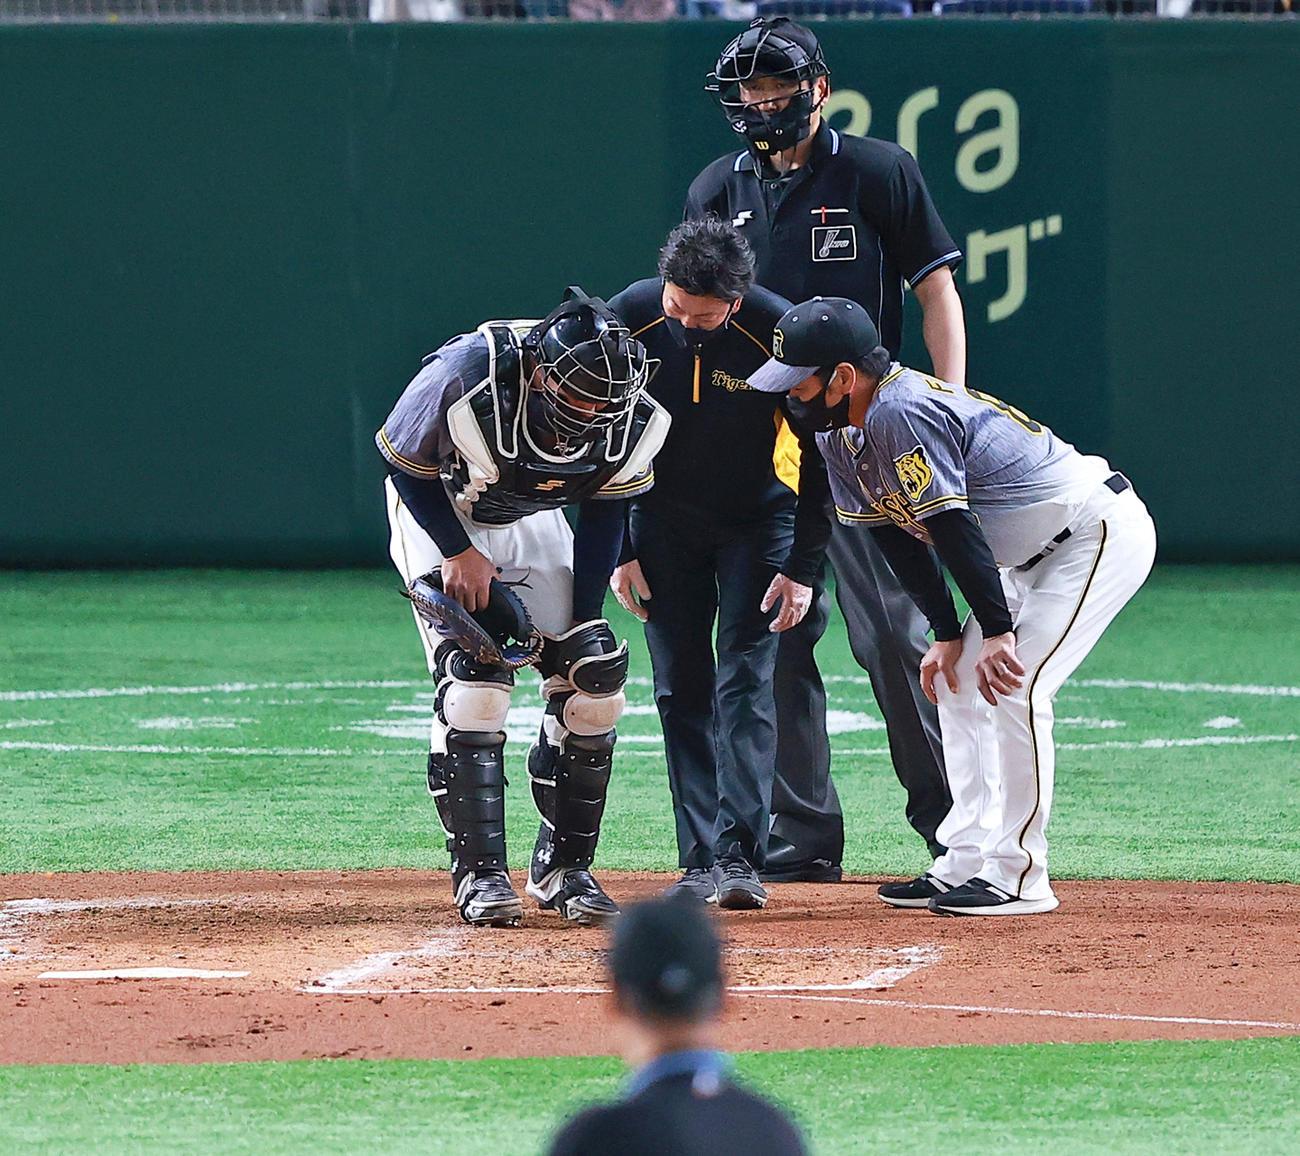 22日巨人戦の1回、巨人梶谷の打球を当てて痛がる阪神梅野